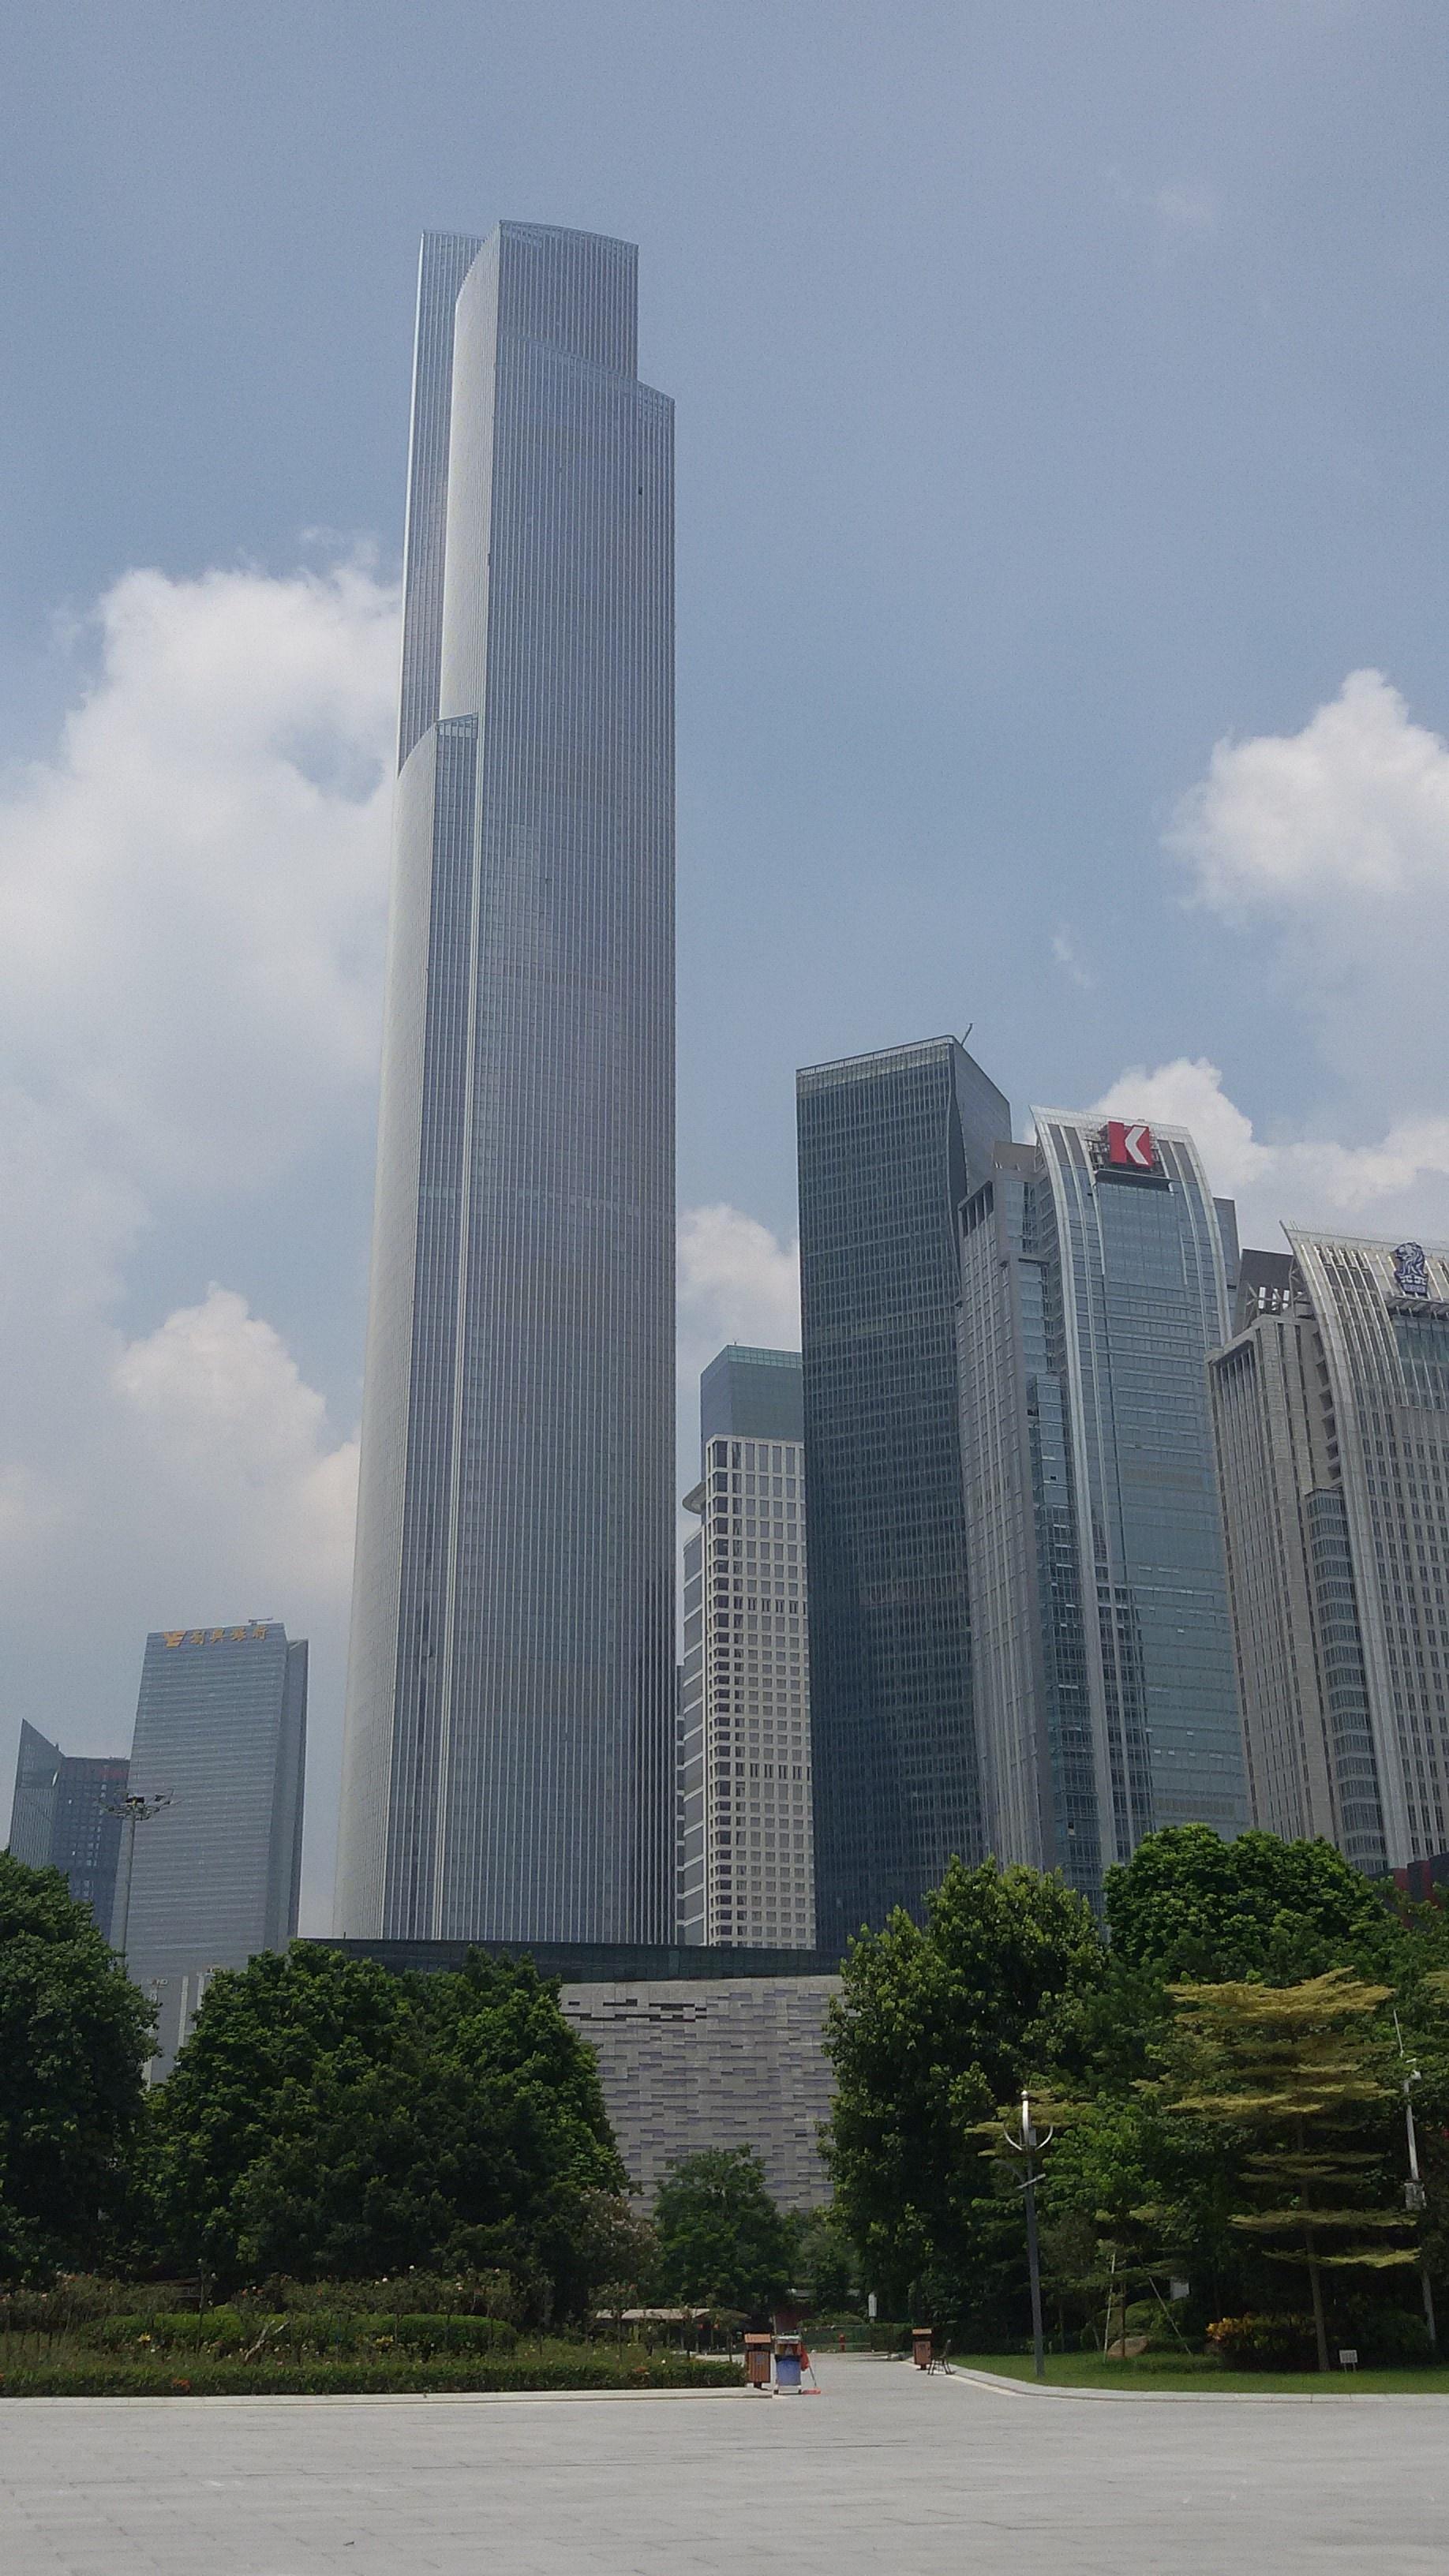 Världens Högsta Byggnader - Guangzhou CTF Finance Centre